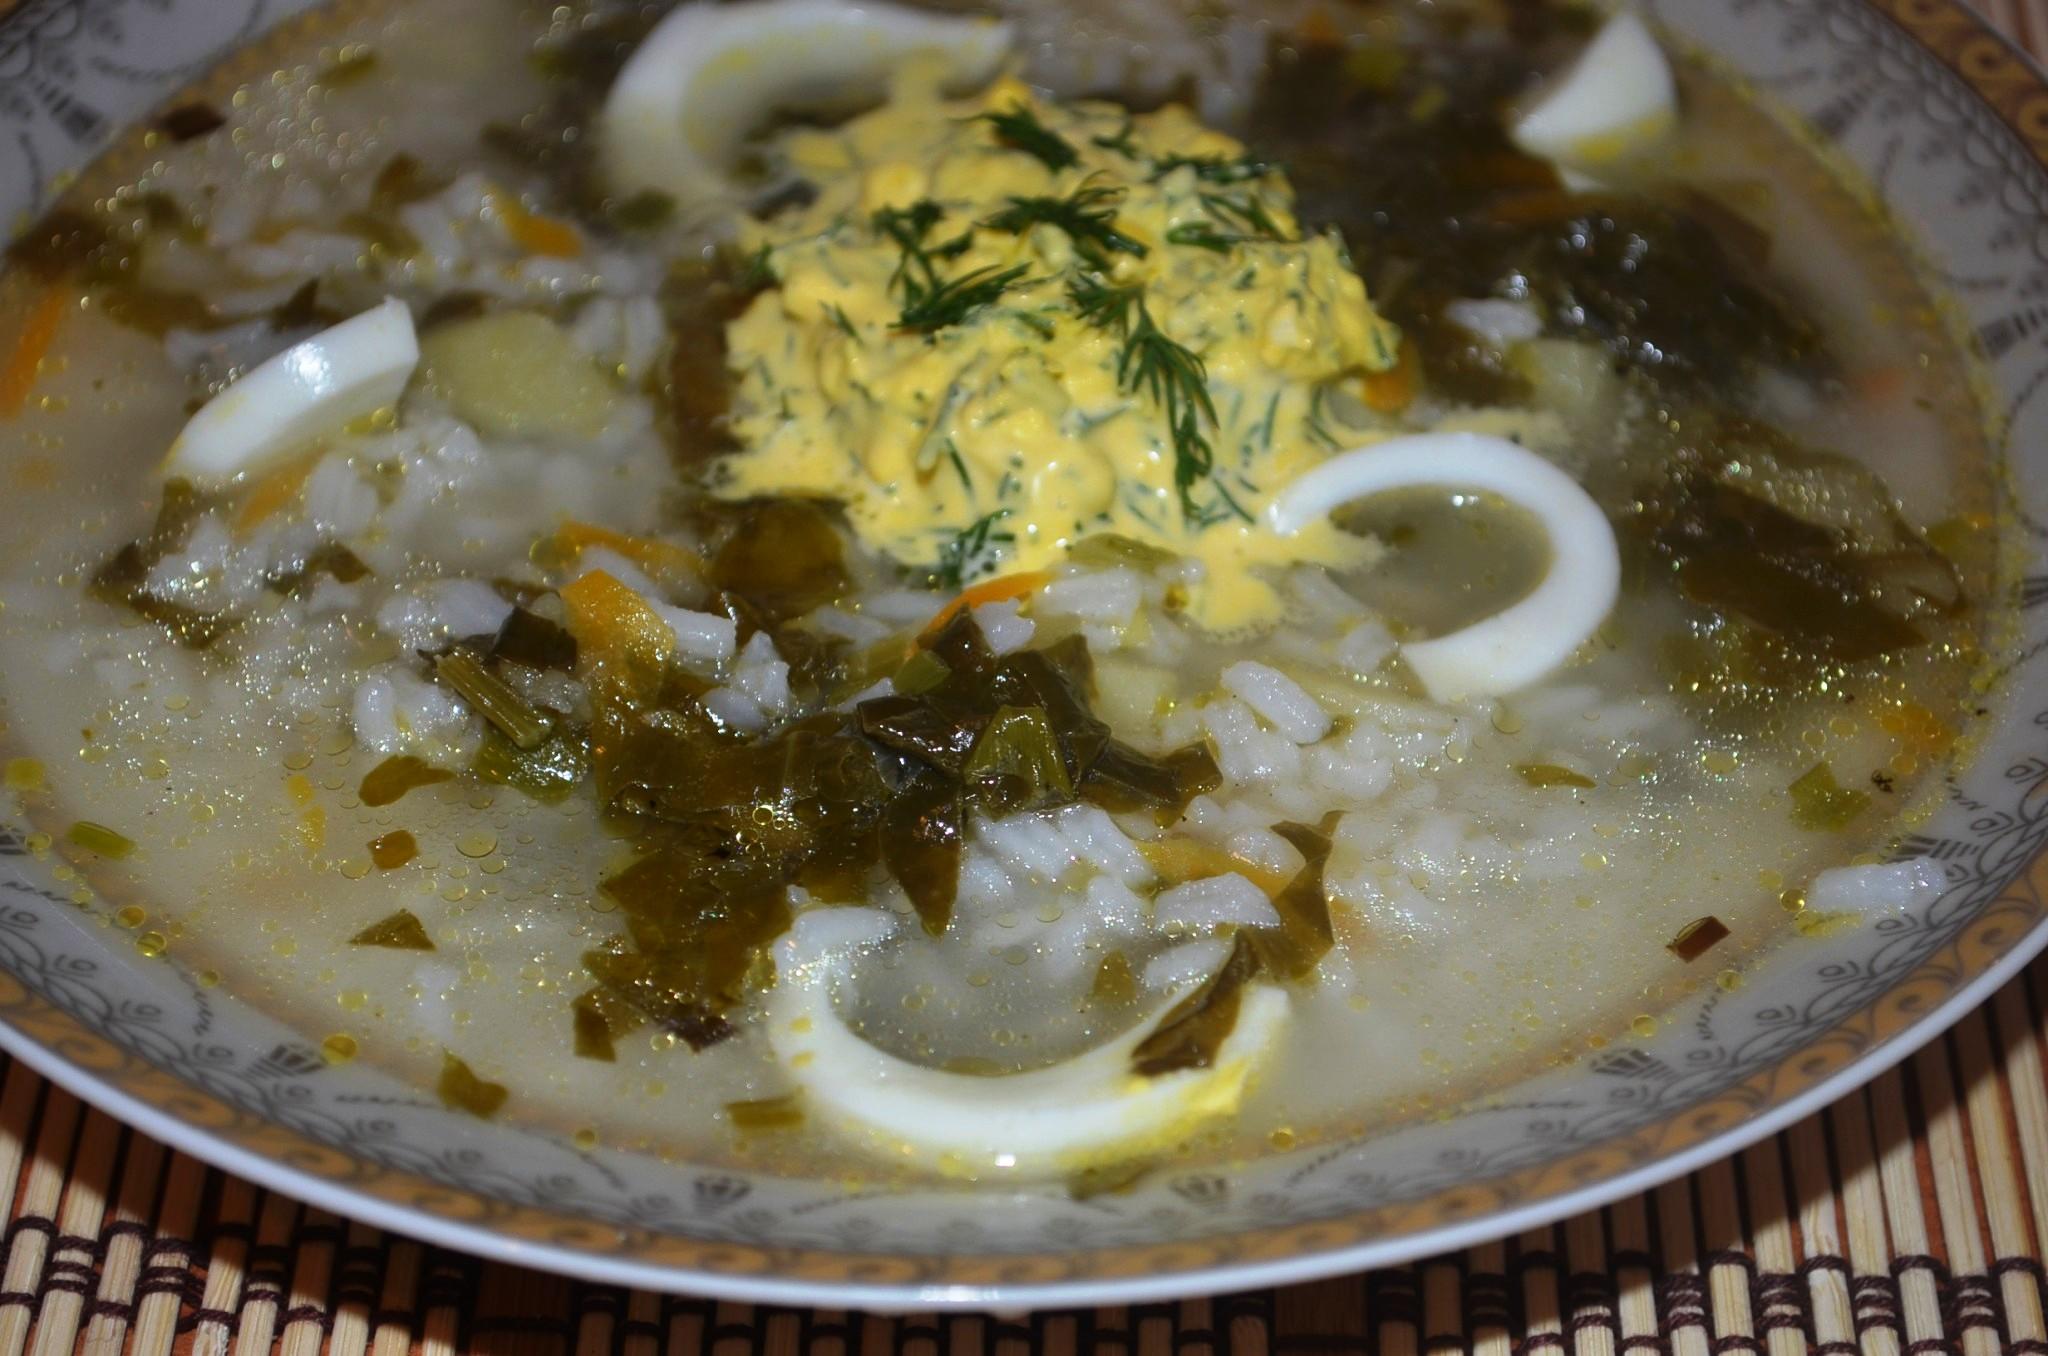 Щавелевый суп с яйцом классический рецепт с фото пошагово 14